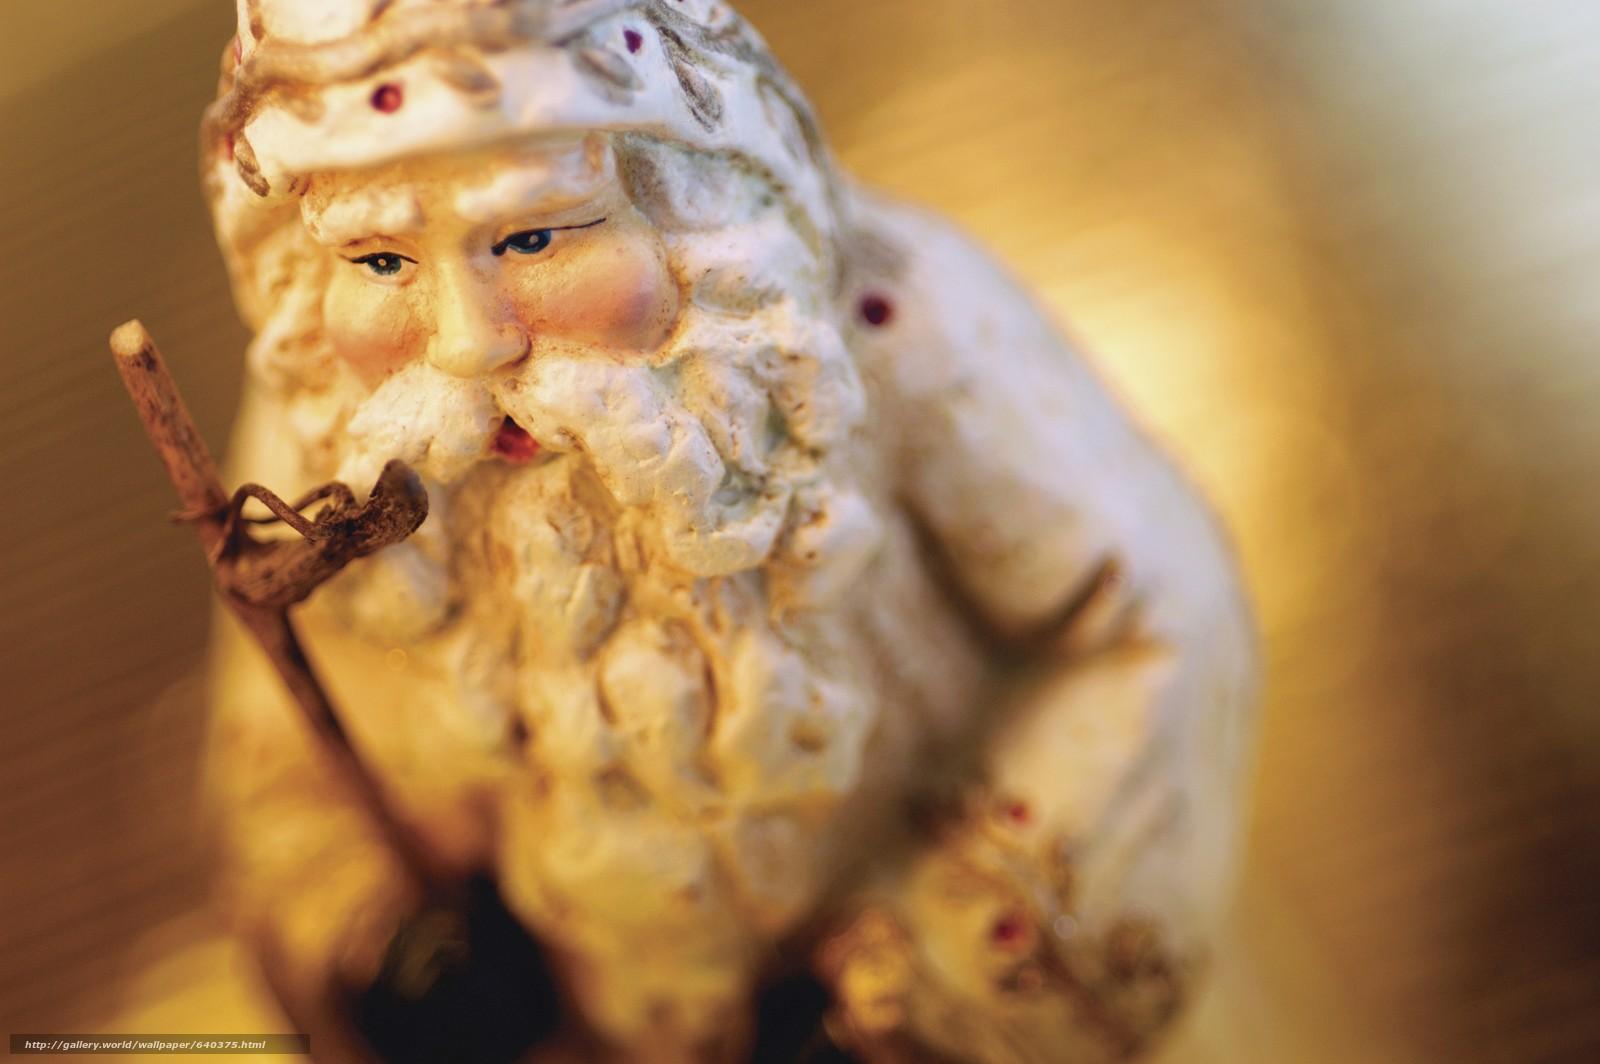 Скачать обои Дед Мороз,  Санта Клаус,  ёлочная игрушка,  новый год бесплатно для рабочего стола в разрешении 5475x3640 — картинка №640375